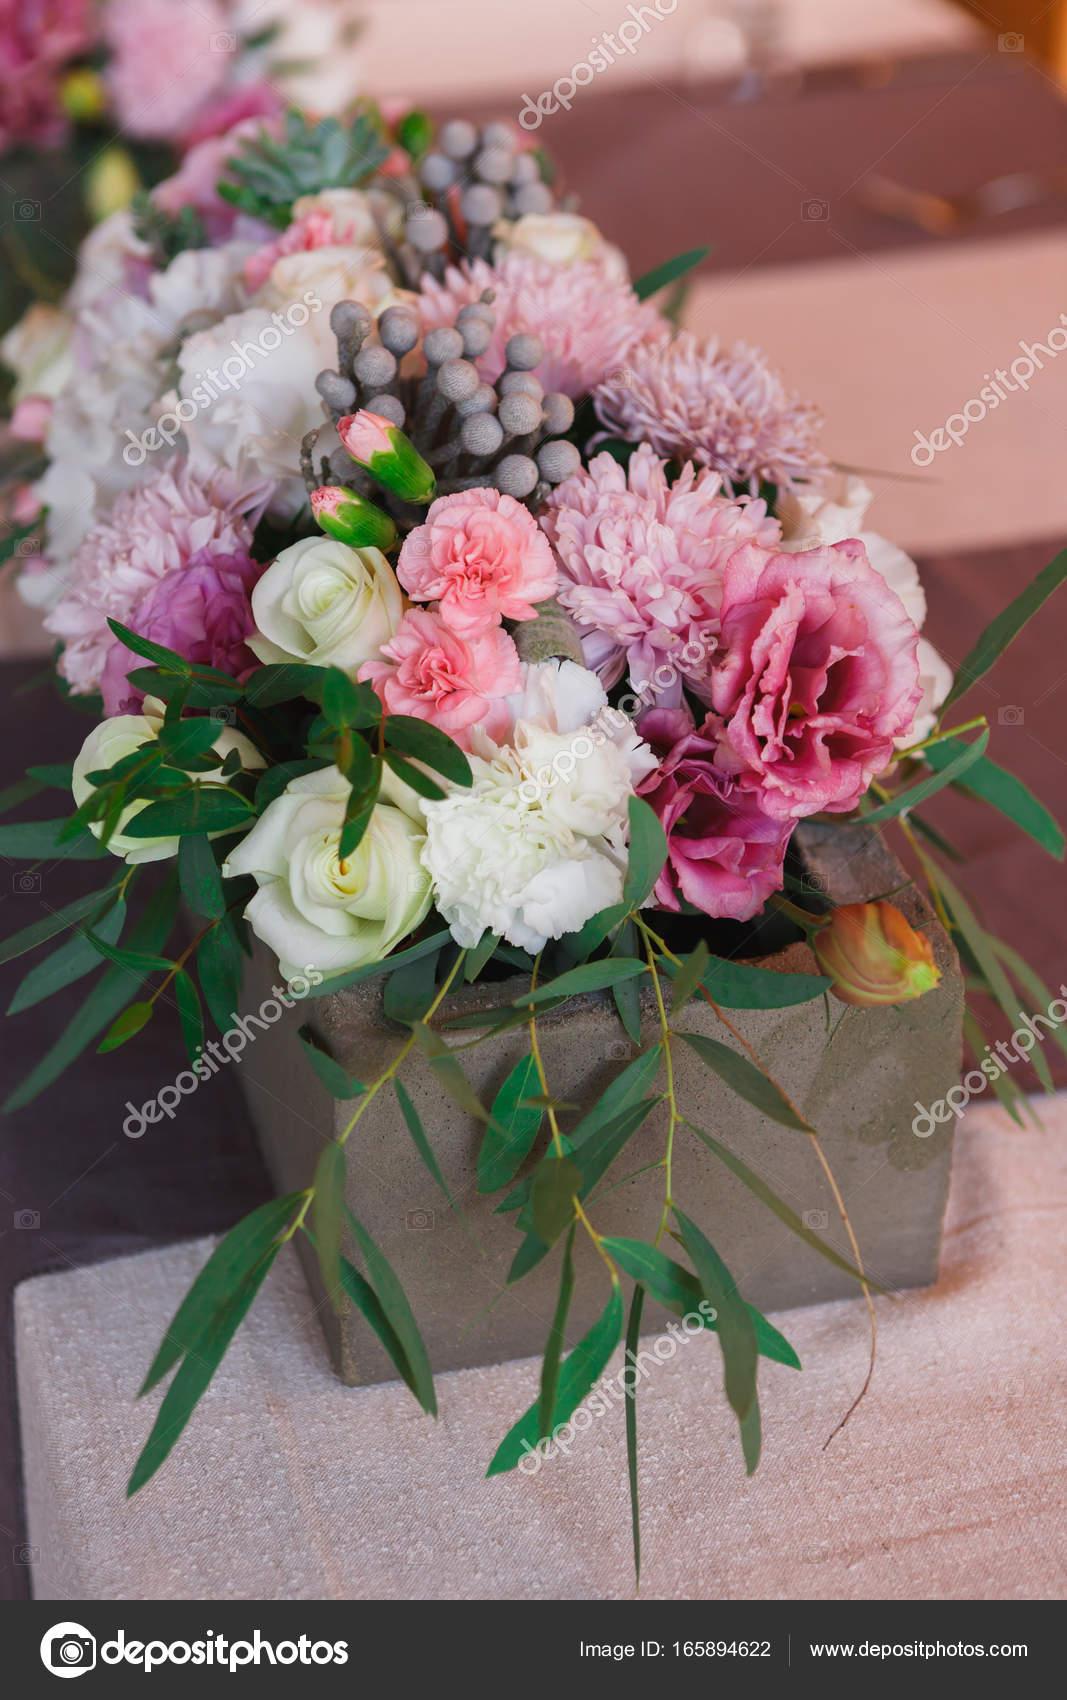 décoration florale mariage, set de table — photographie milkos